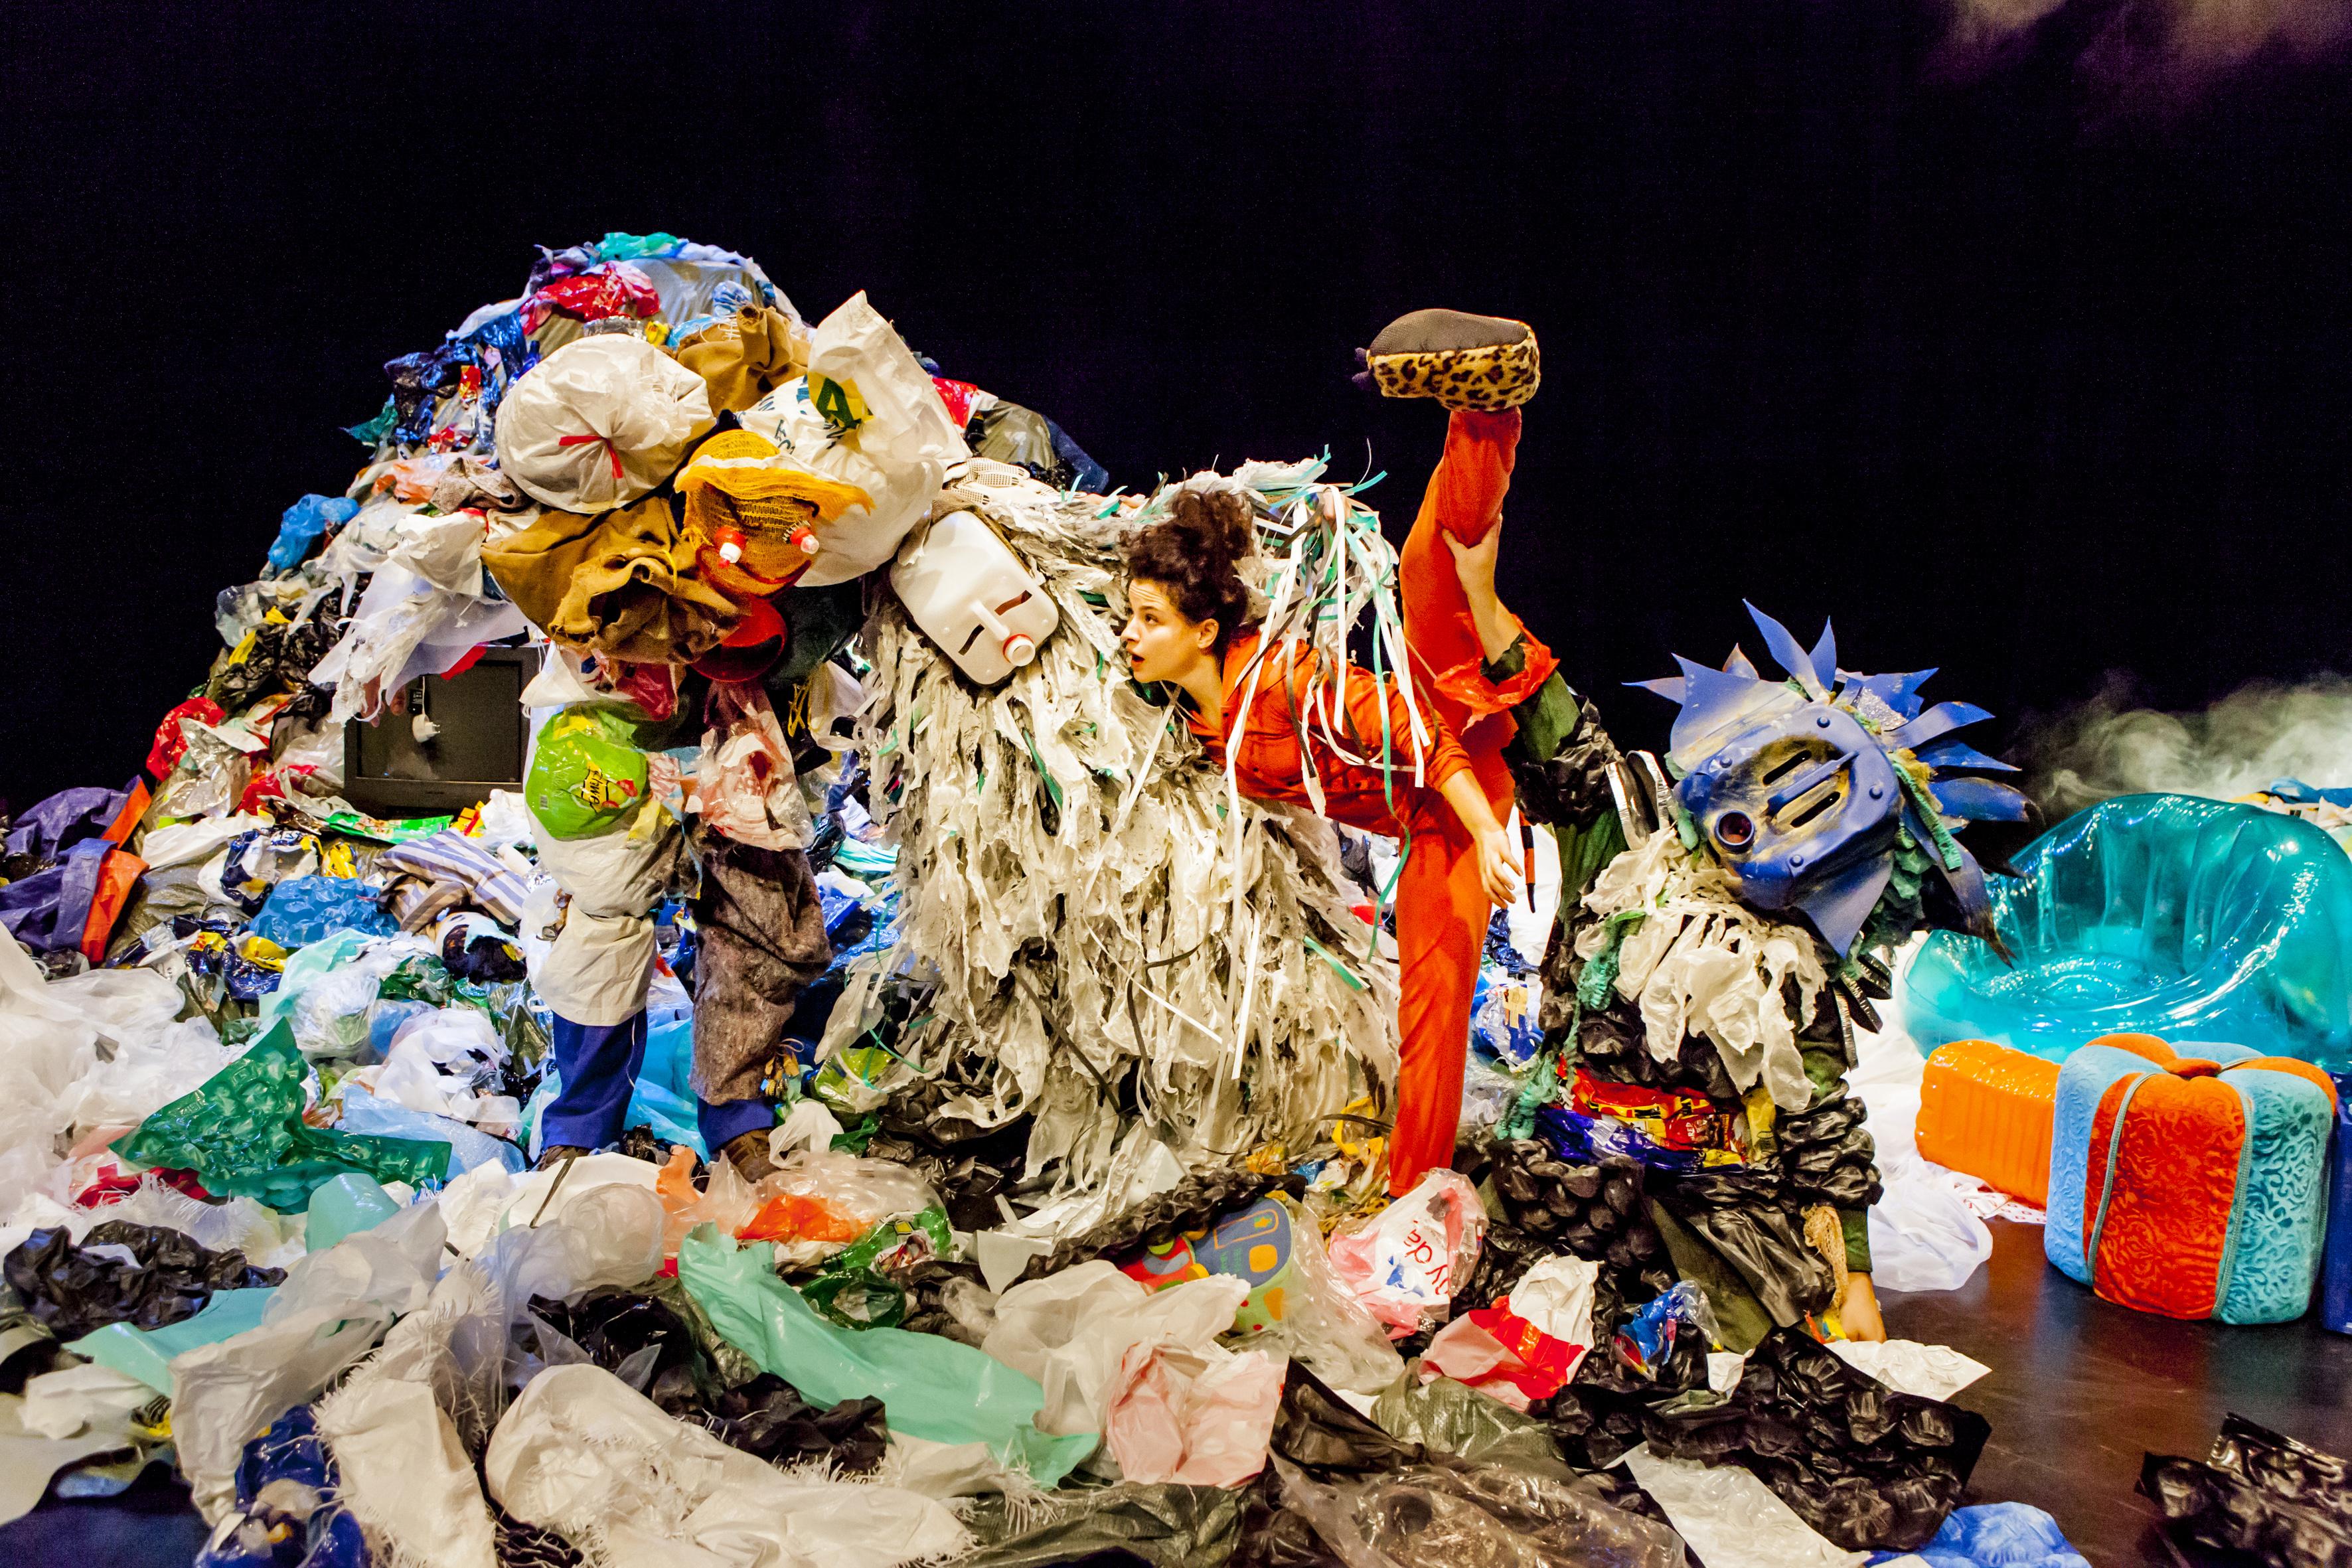 Alex aux pays des poubelles (c) Charlotte Sampermans